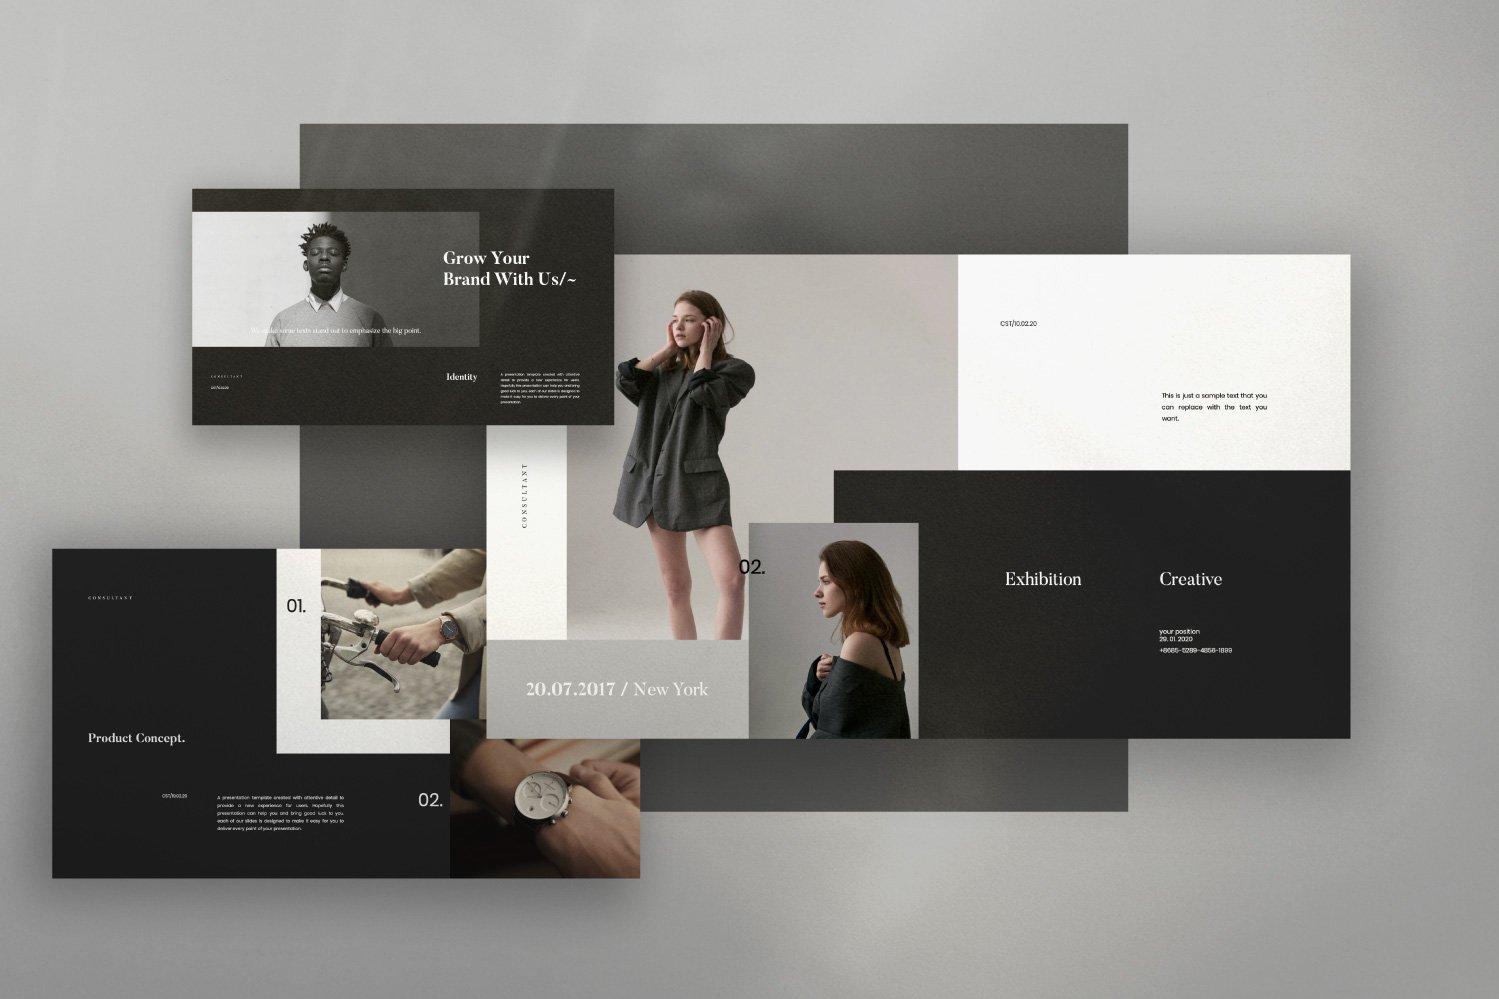 时尚服装摄影作品集设计演示文稿模板 Consultant – Powerpoint Minimalis Creative插图(7)